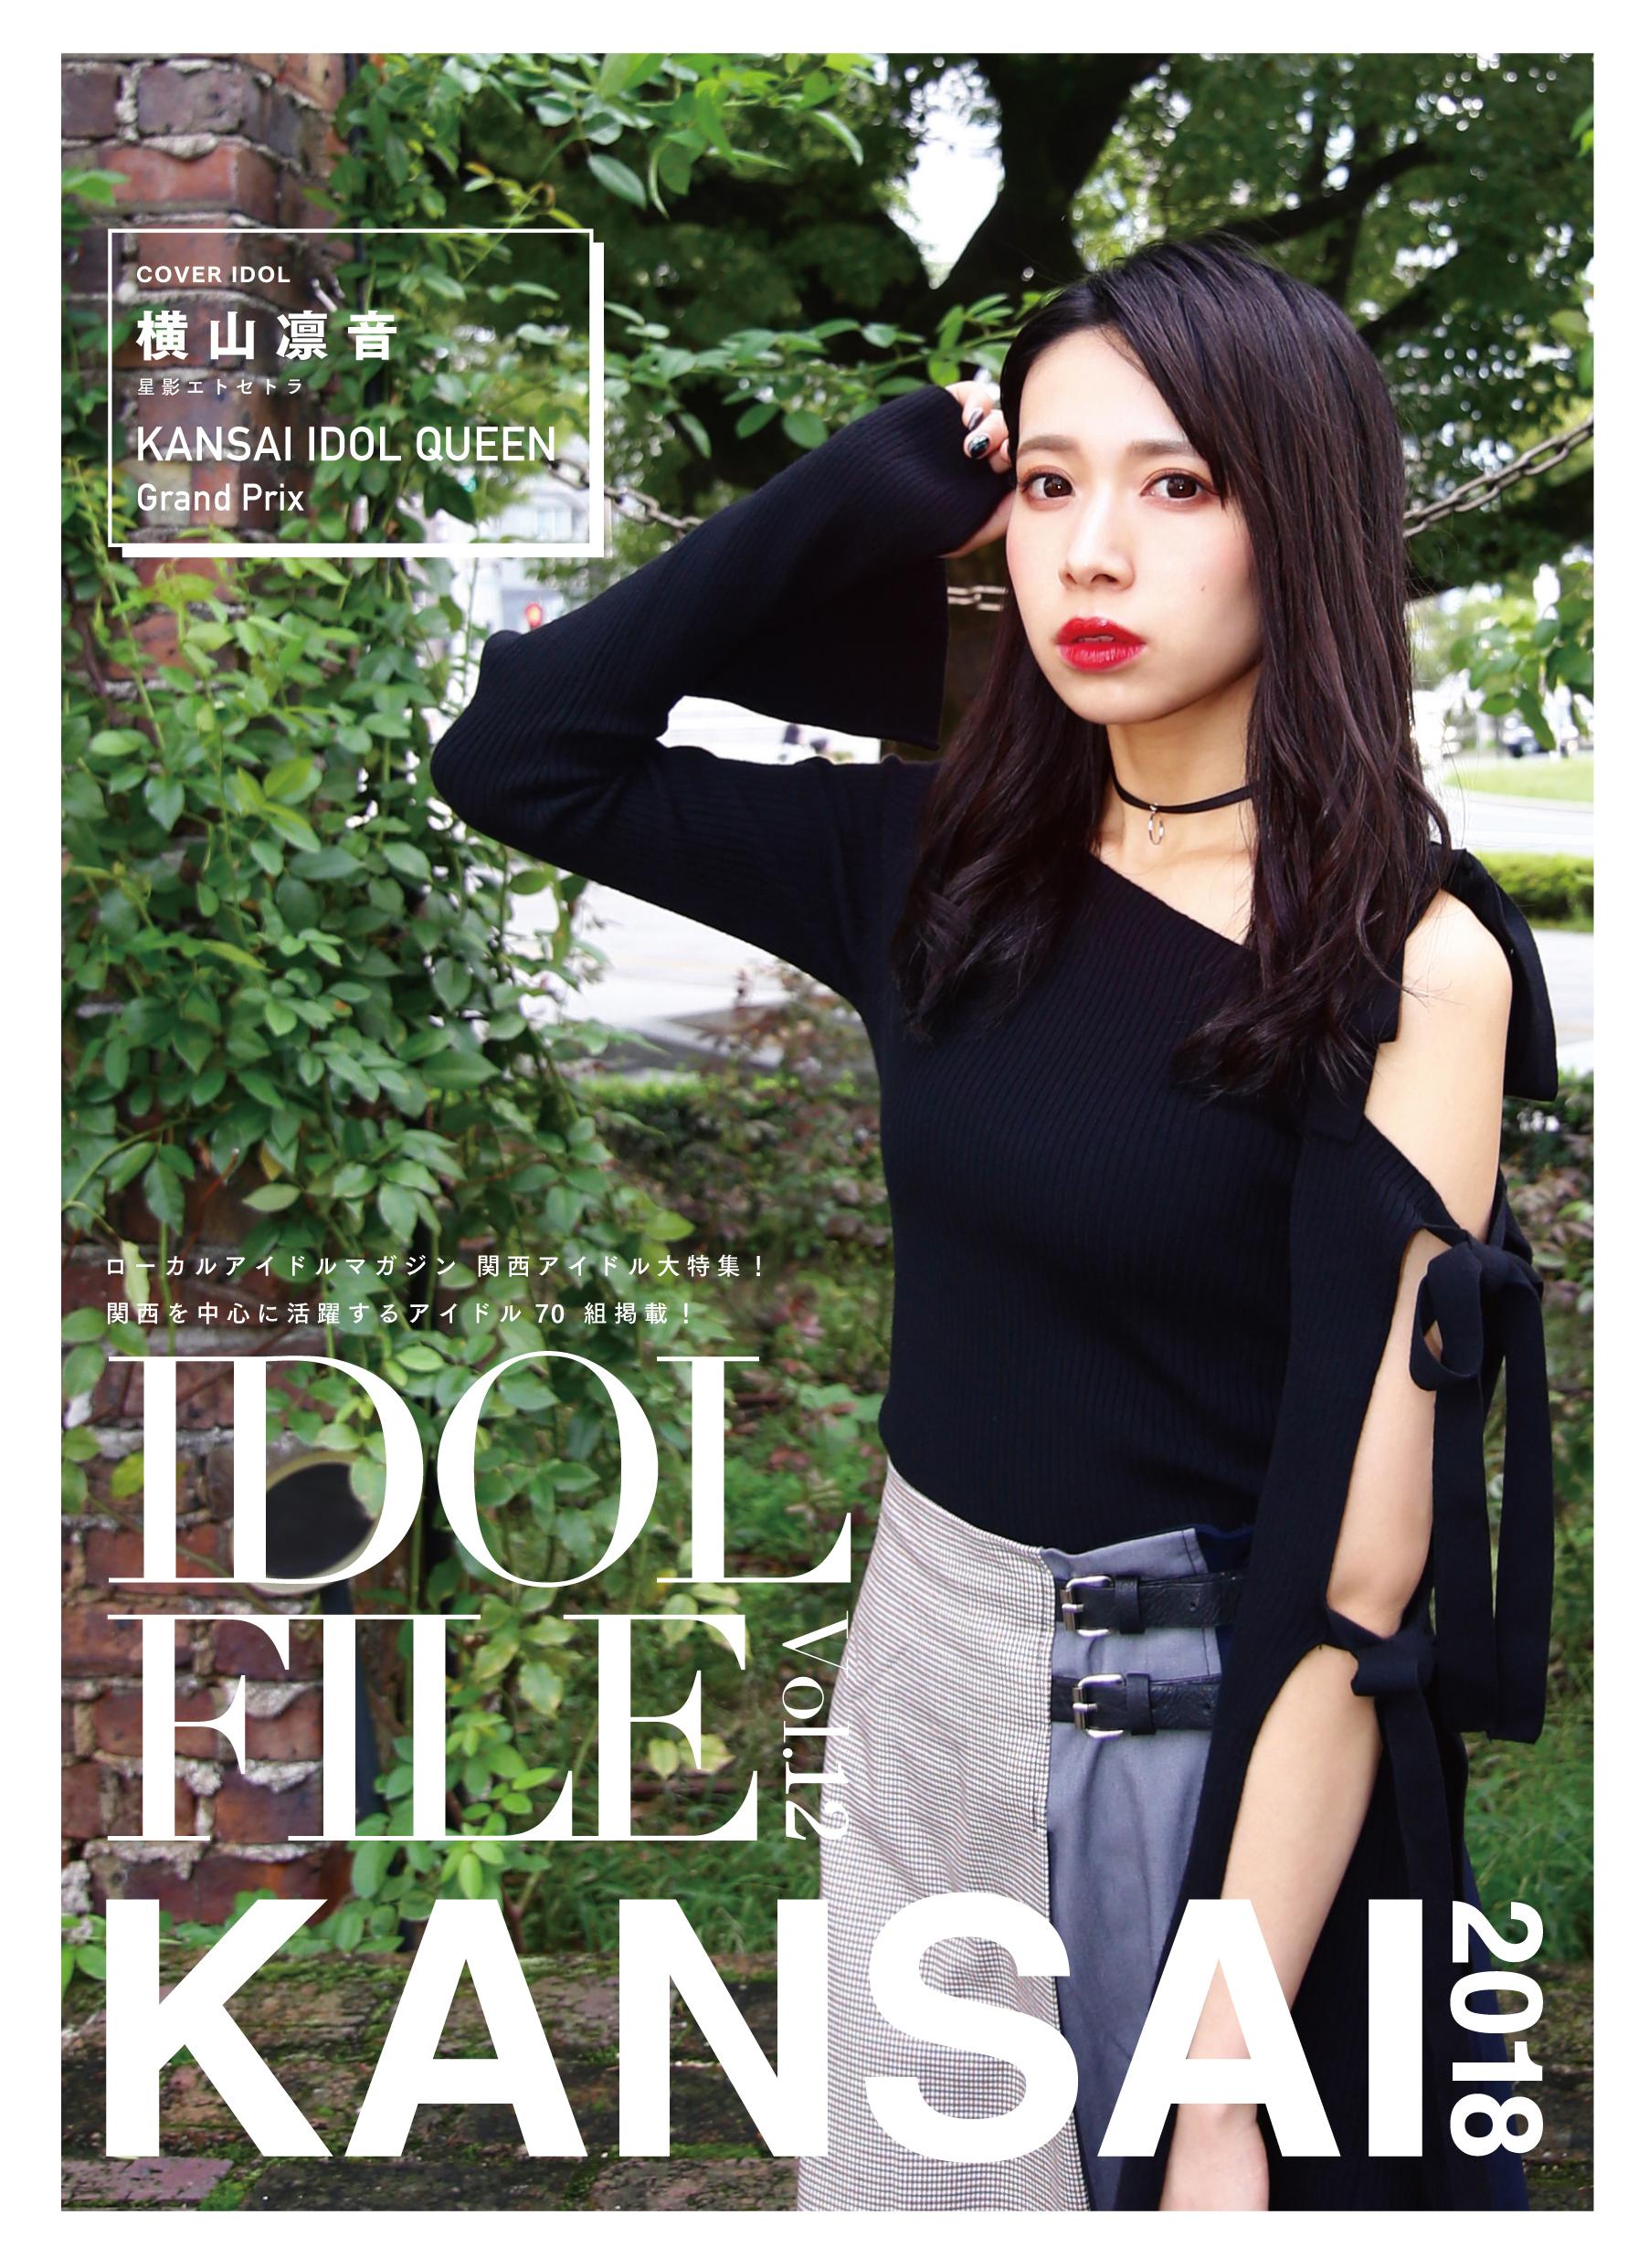 【出演情報】一ノ瀬あかり、西田早希 / IDOL FILE Vol.12 KANSAI 2018